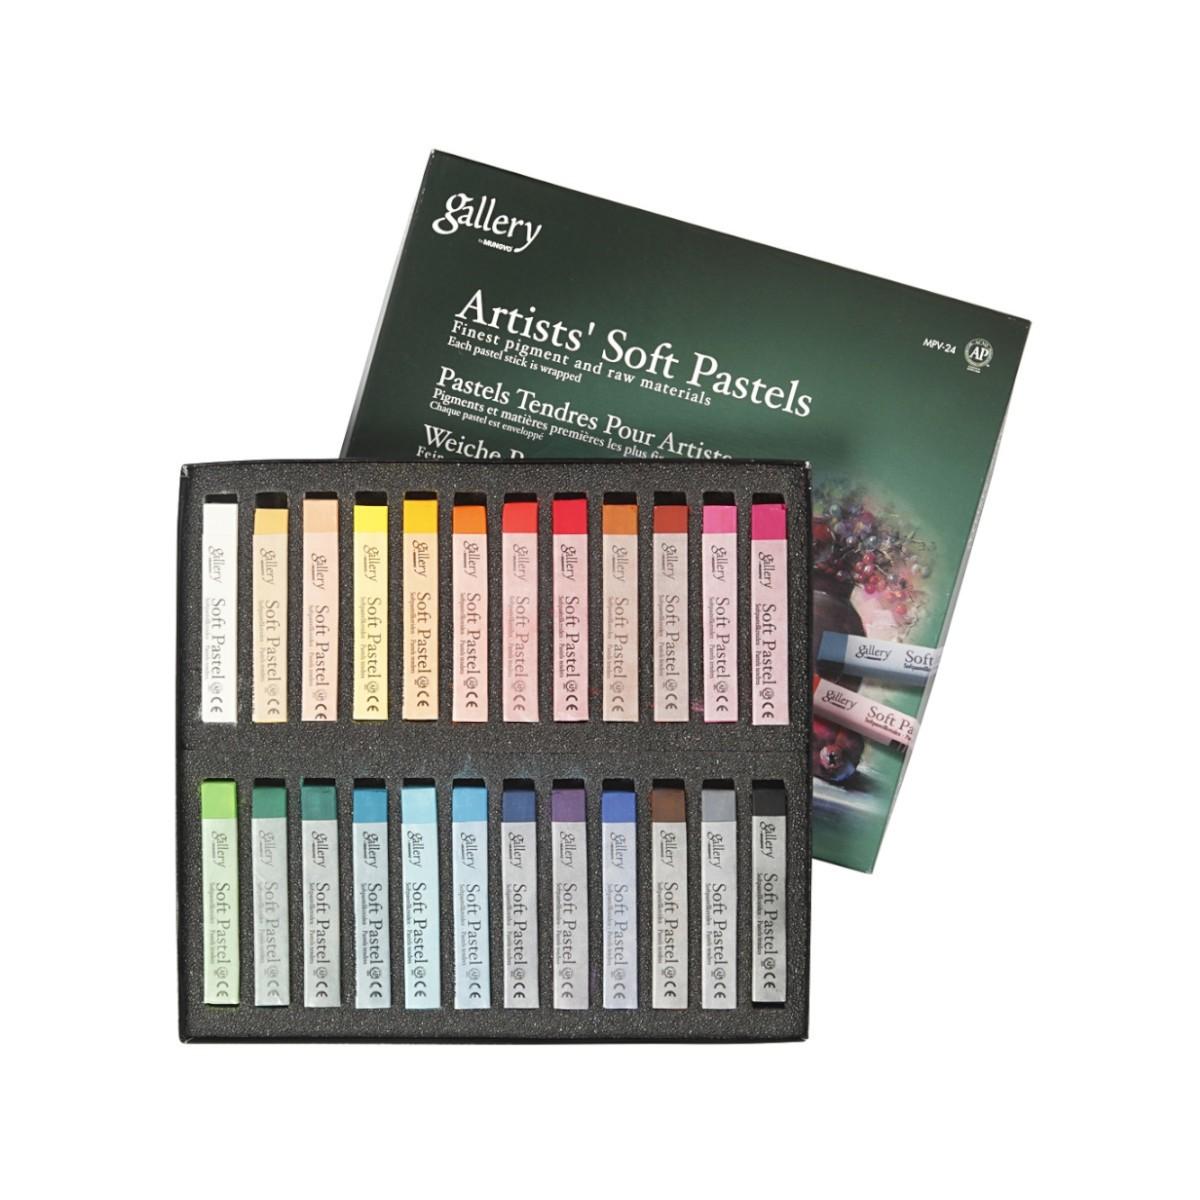 Gallery, Artists' Soft Pastels, colormix, sæt